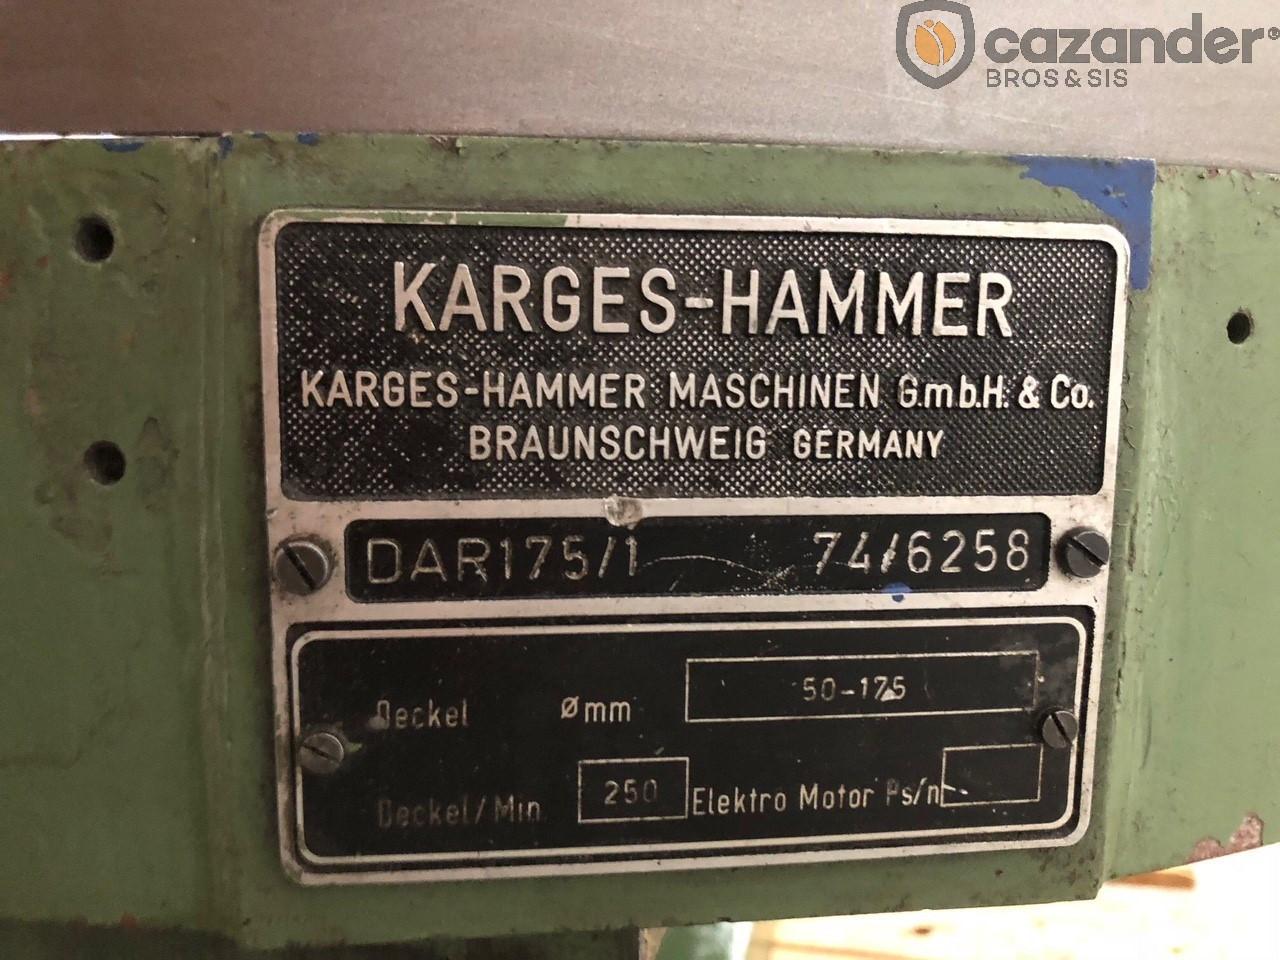 Karges-Hammer DAR 175/1 disc curler